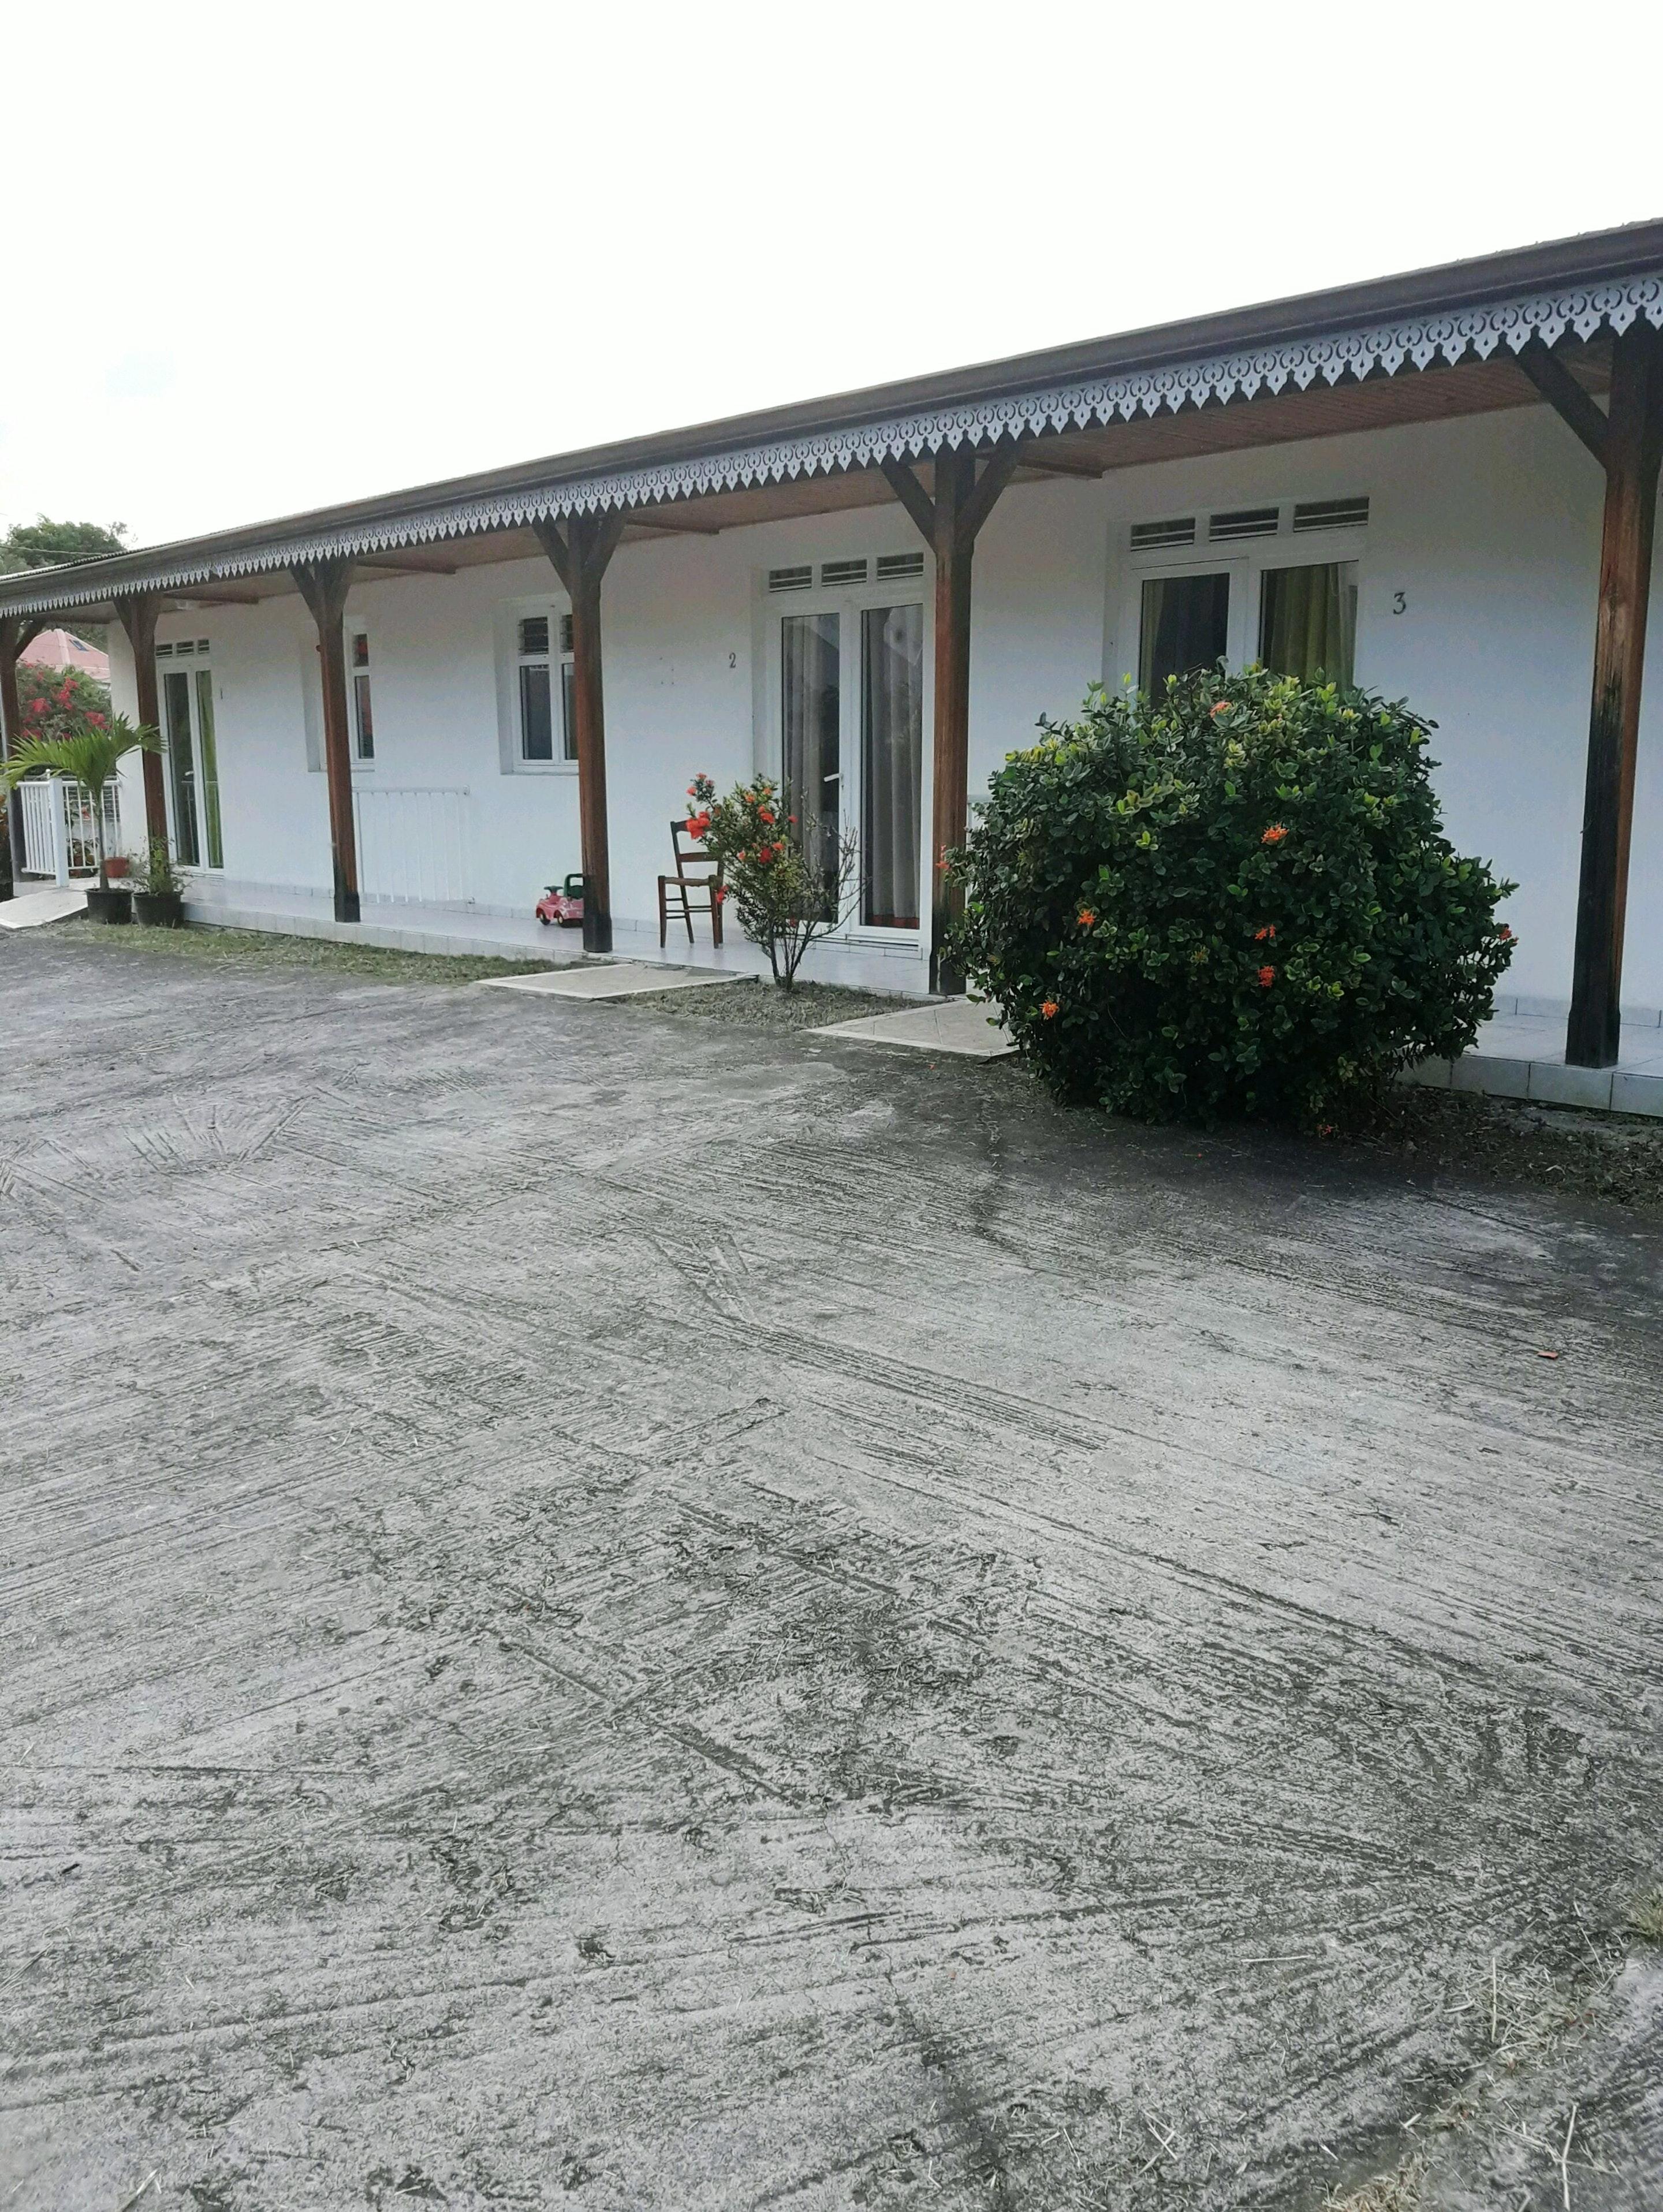 Wohnung mit 2 Schlafzimmern in Le Vauclin mit eingezäuntem Garten - 1 km vom Strand entfernt